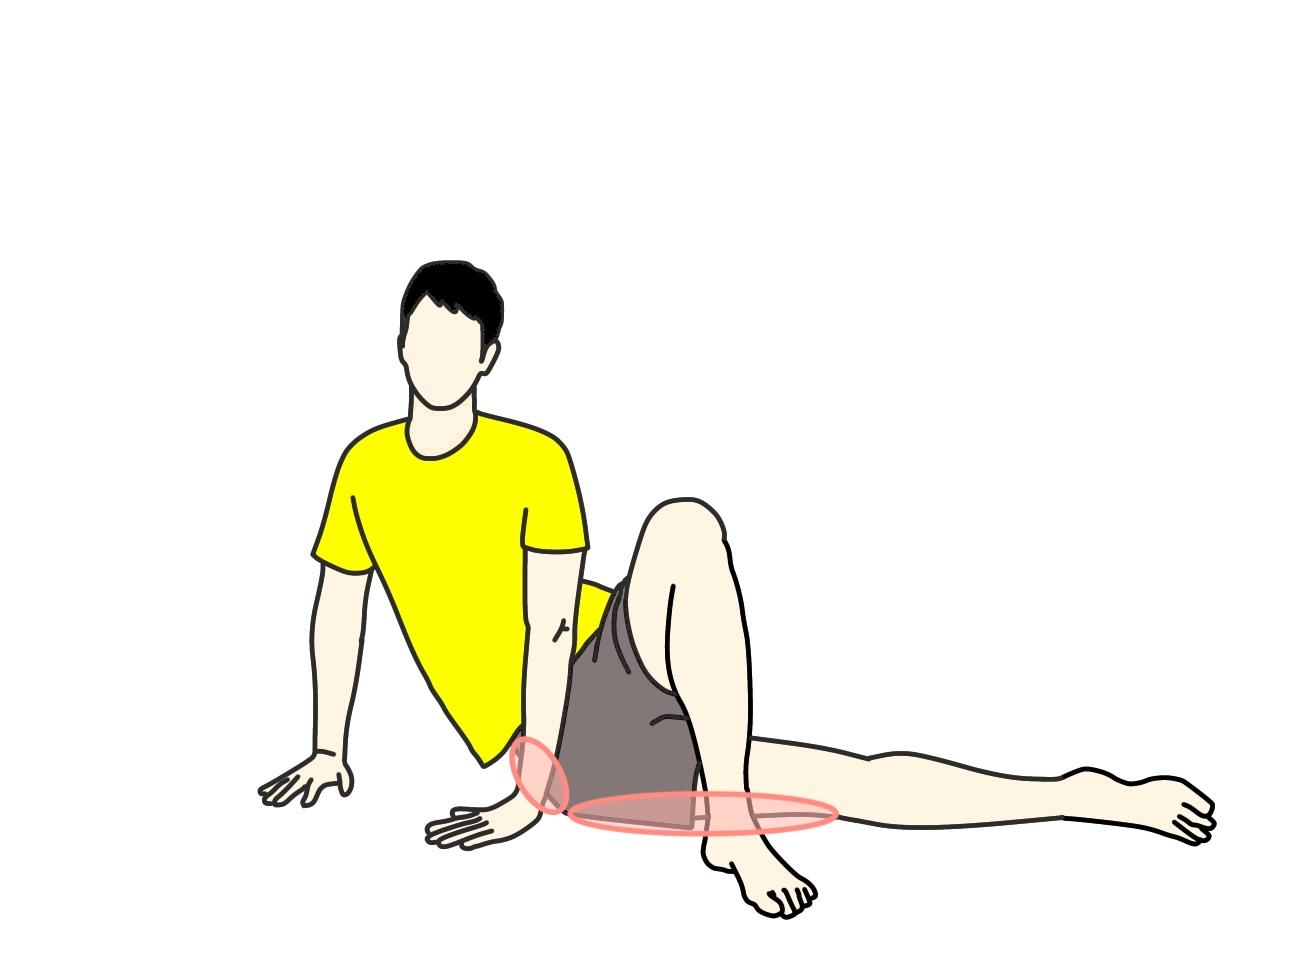 大腿筋膜張筋のストレッチで伸びる場所